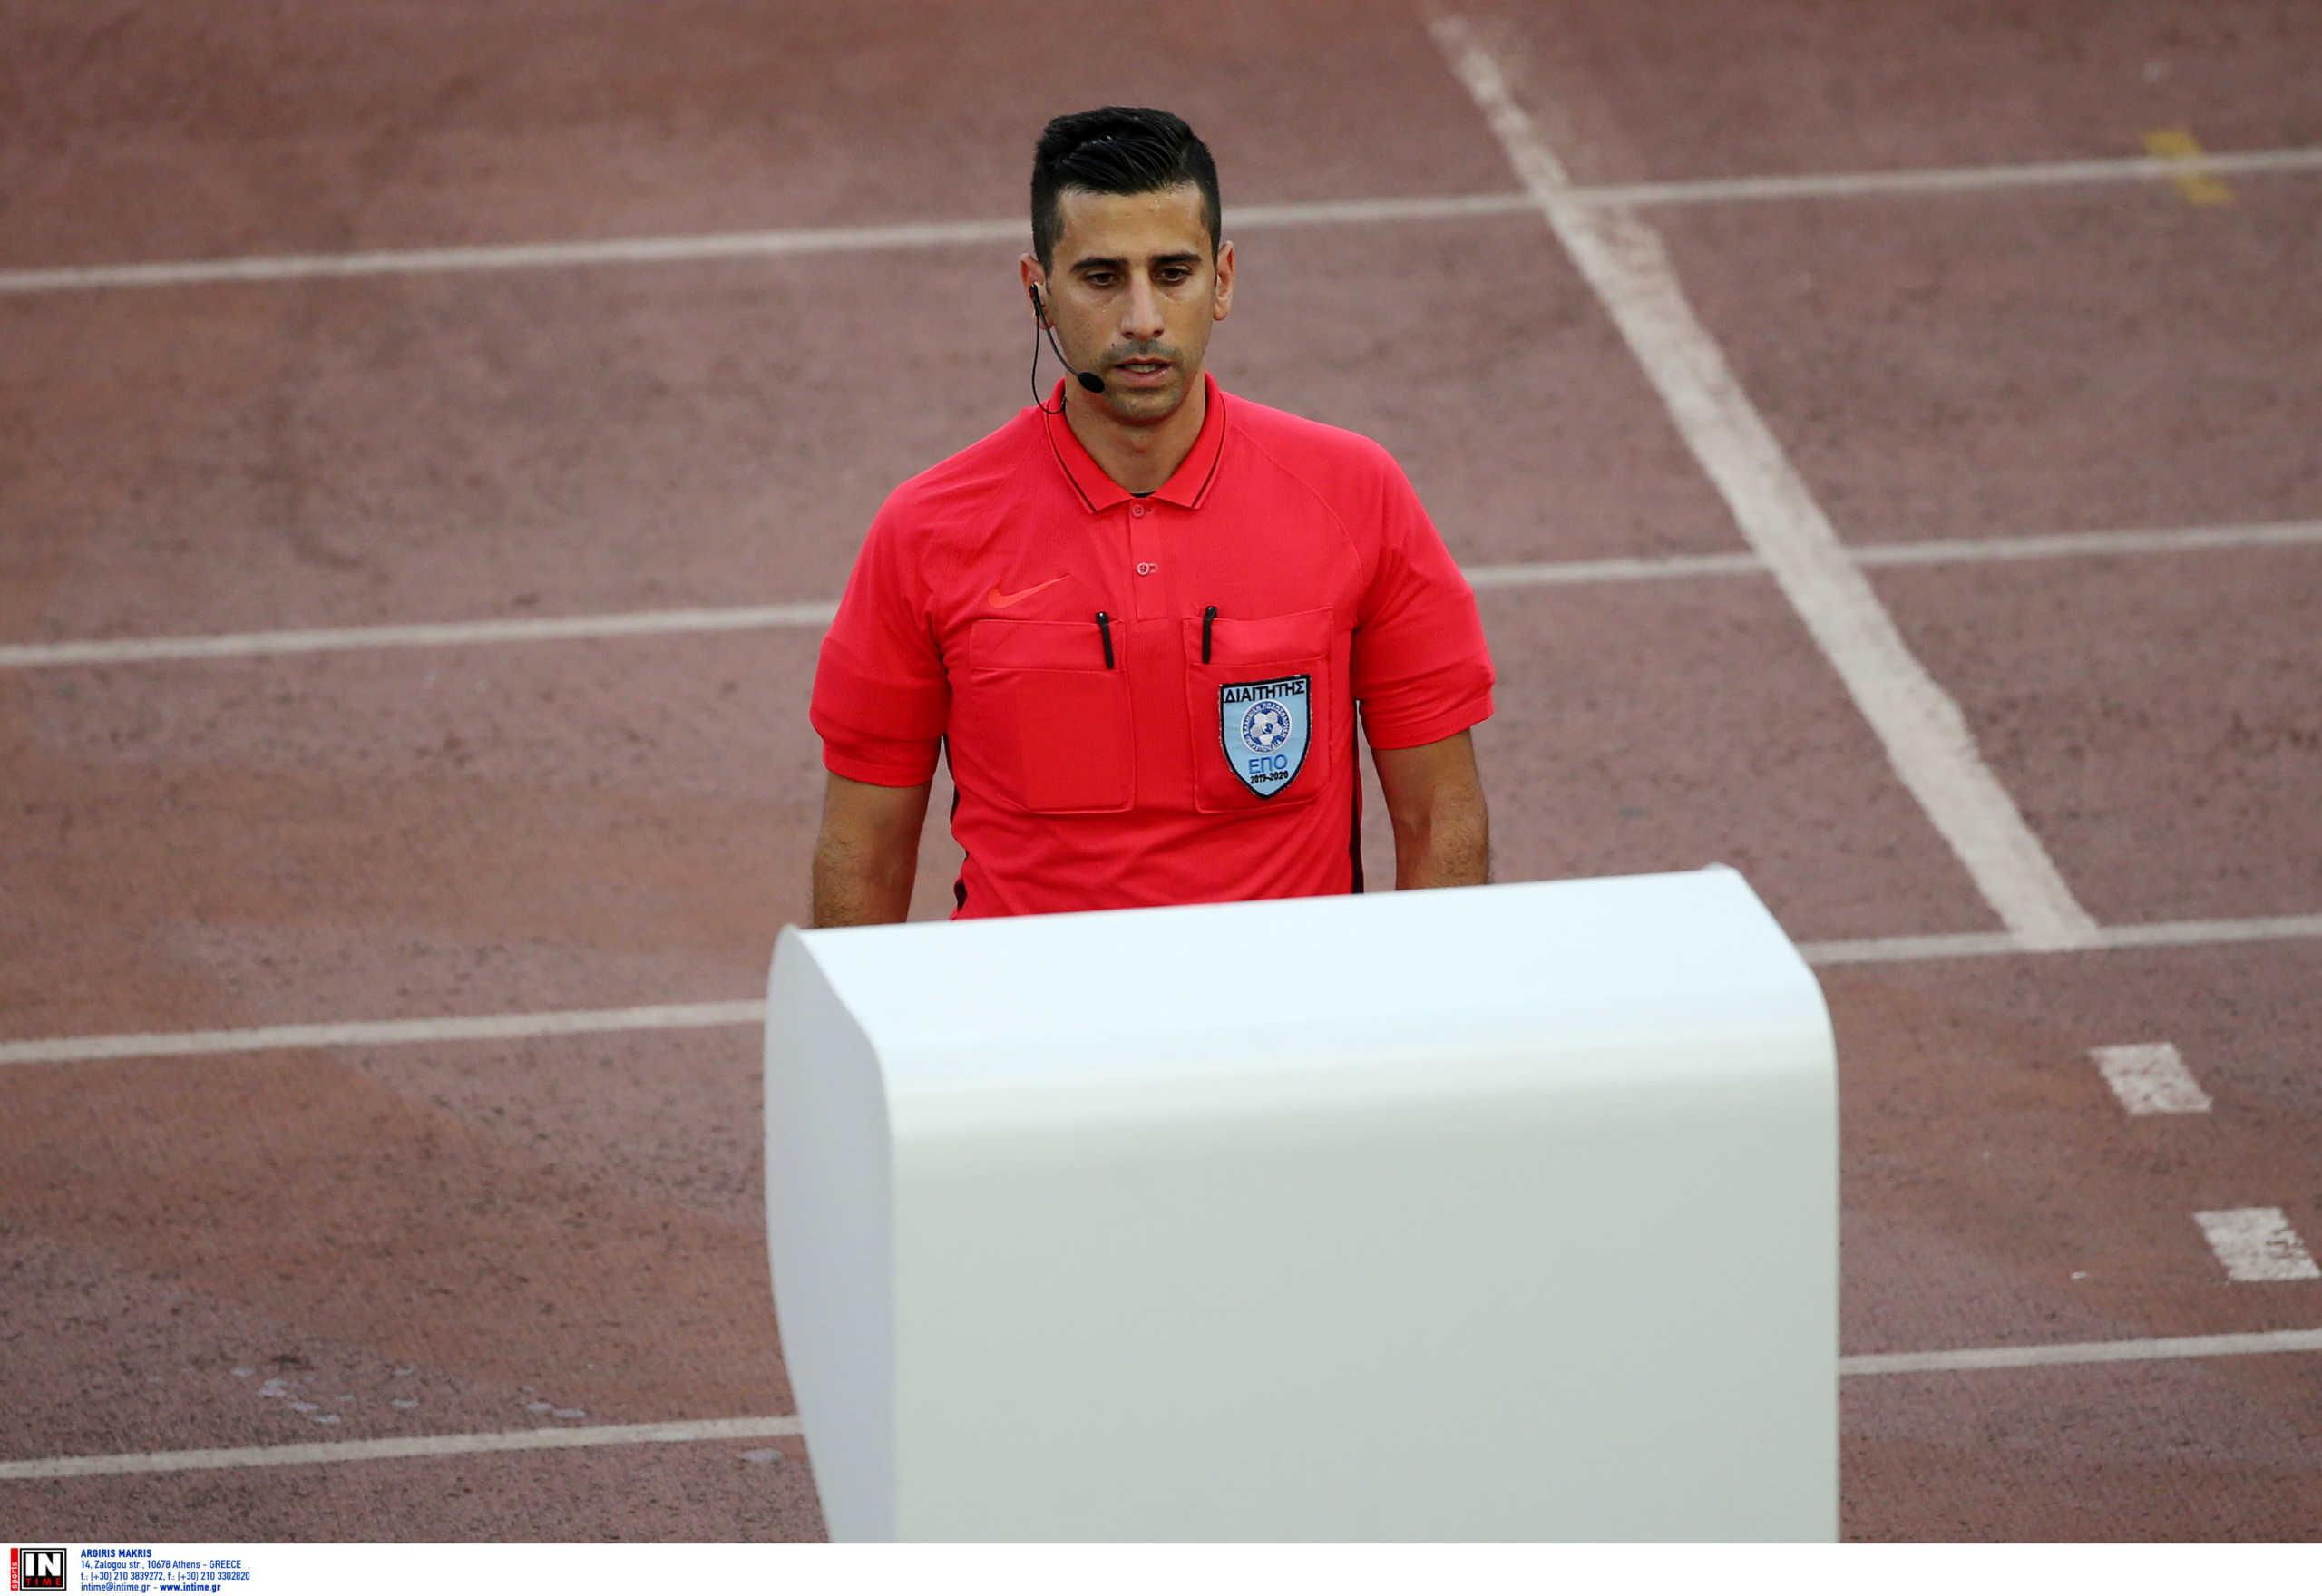 Ολυμπιακός – Παναθηναϊκός: Αιφνίδια αλλαγή του διαιτητή VAR λόγω κορονοϊού!